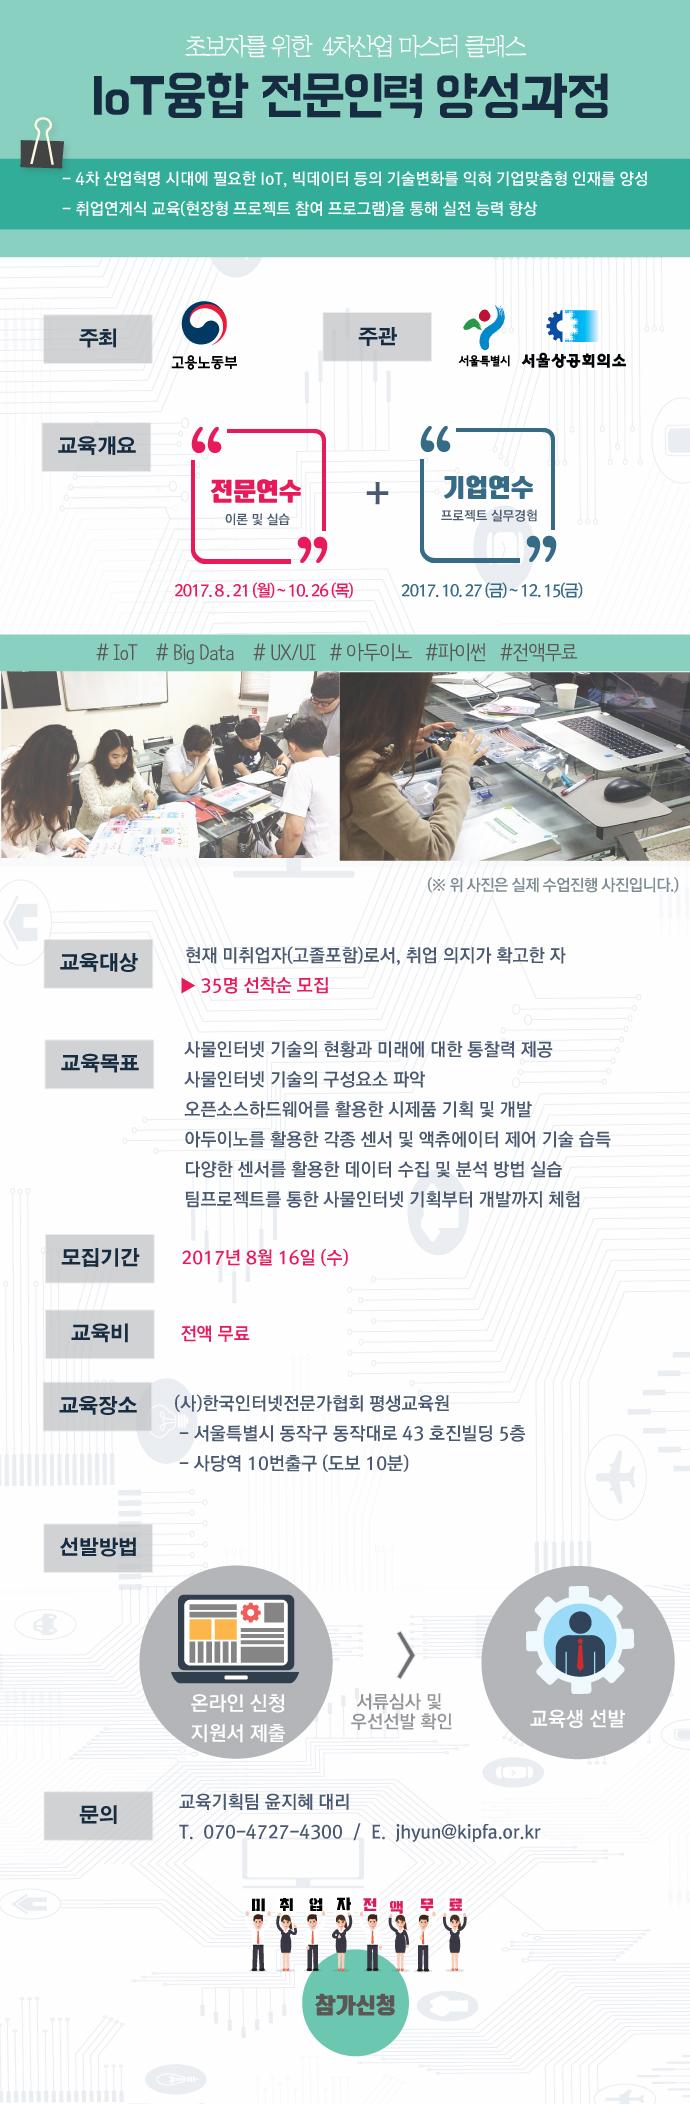 미취업자 전액무료+기업연수